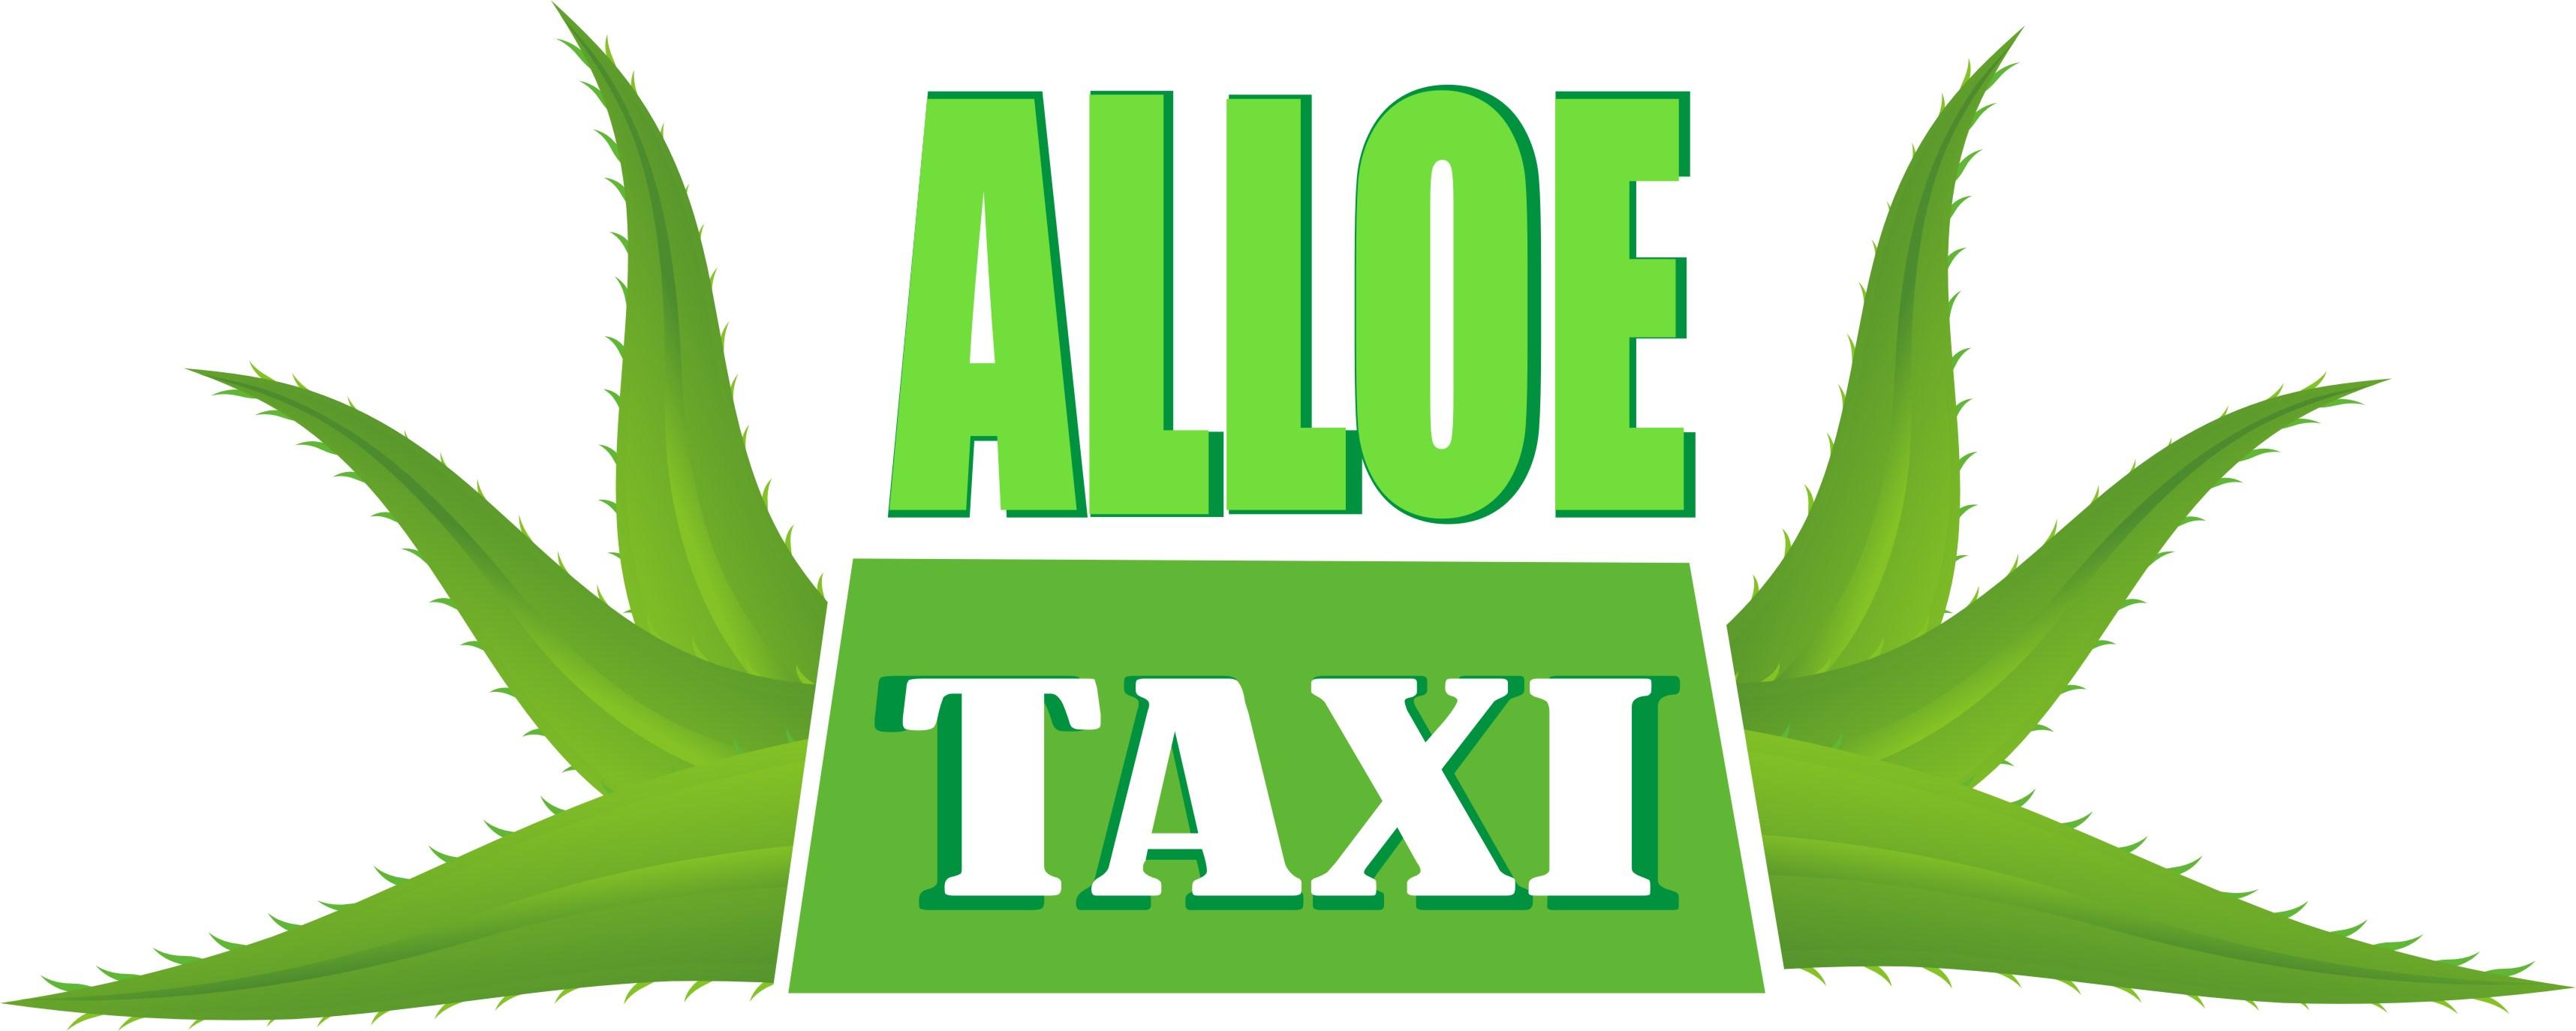 придумать логотип для такси фото f_919539ab0c18b25f.jpg